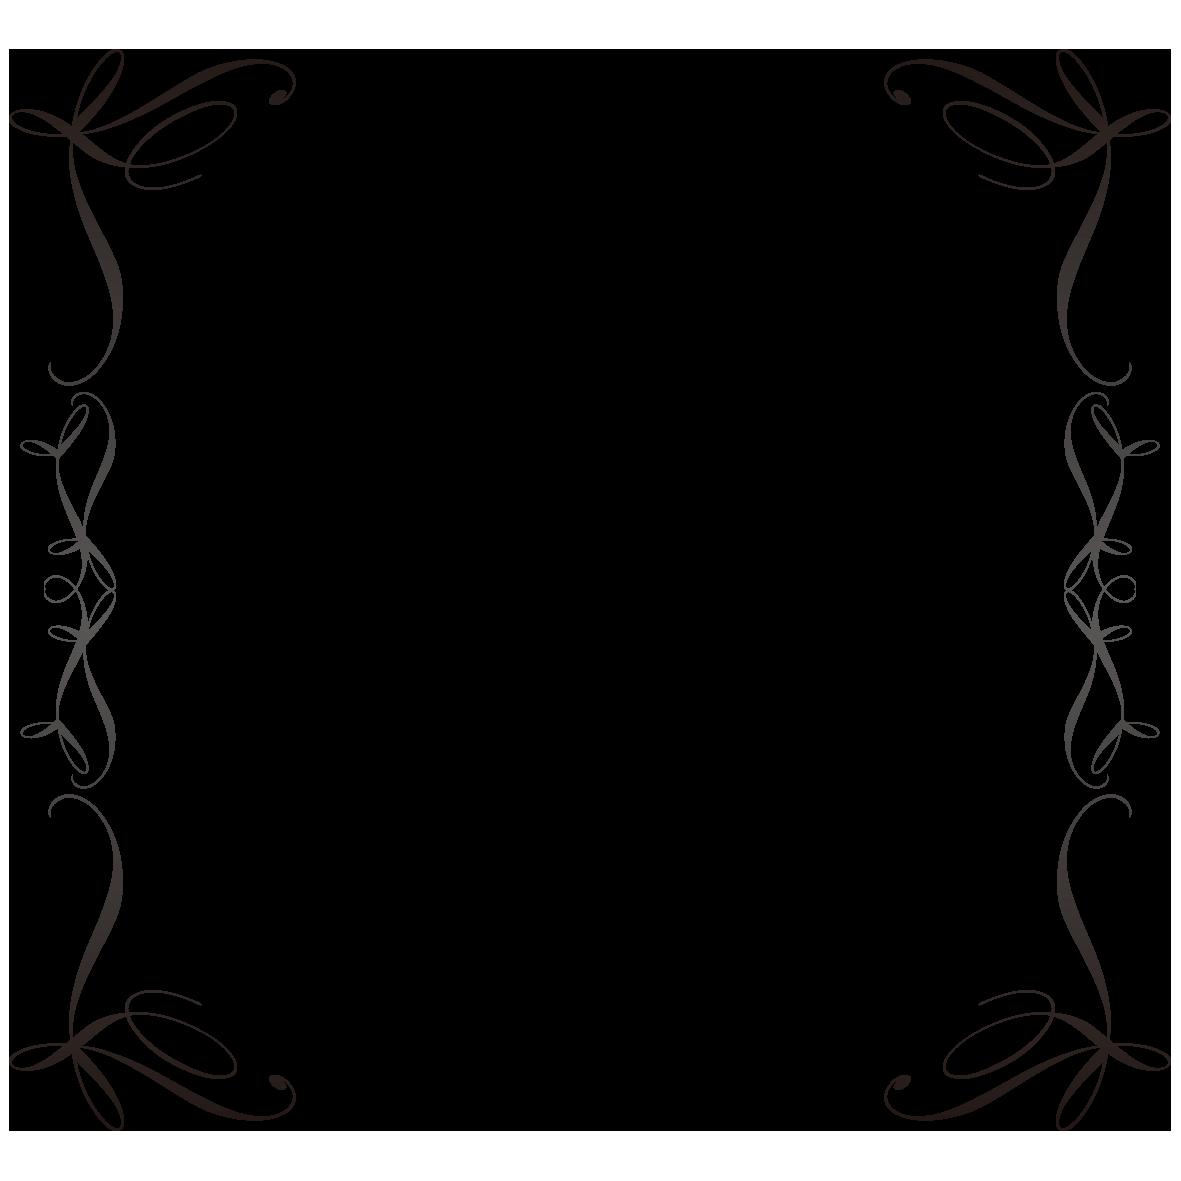 シックな括弧型フレーム フレーム 花の線画 フレーム イラスト